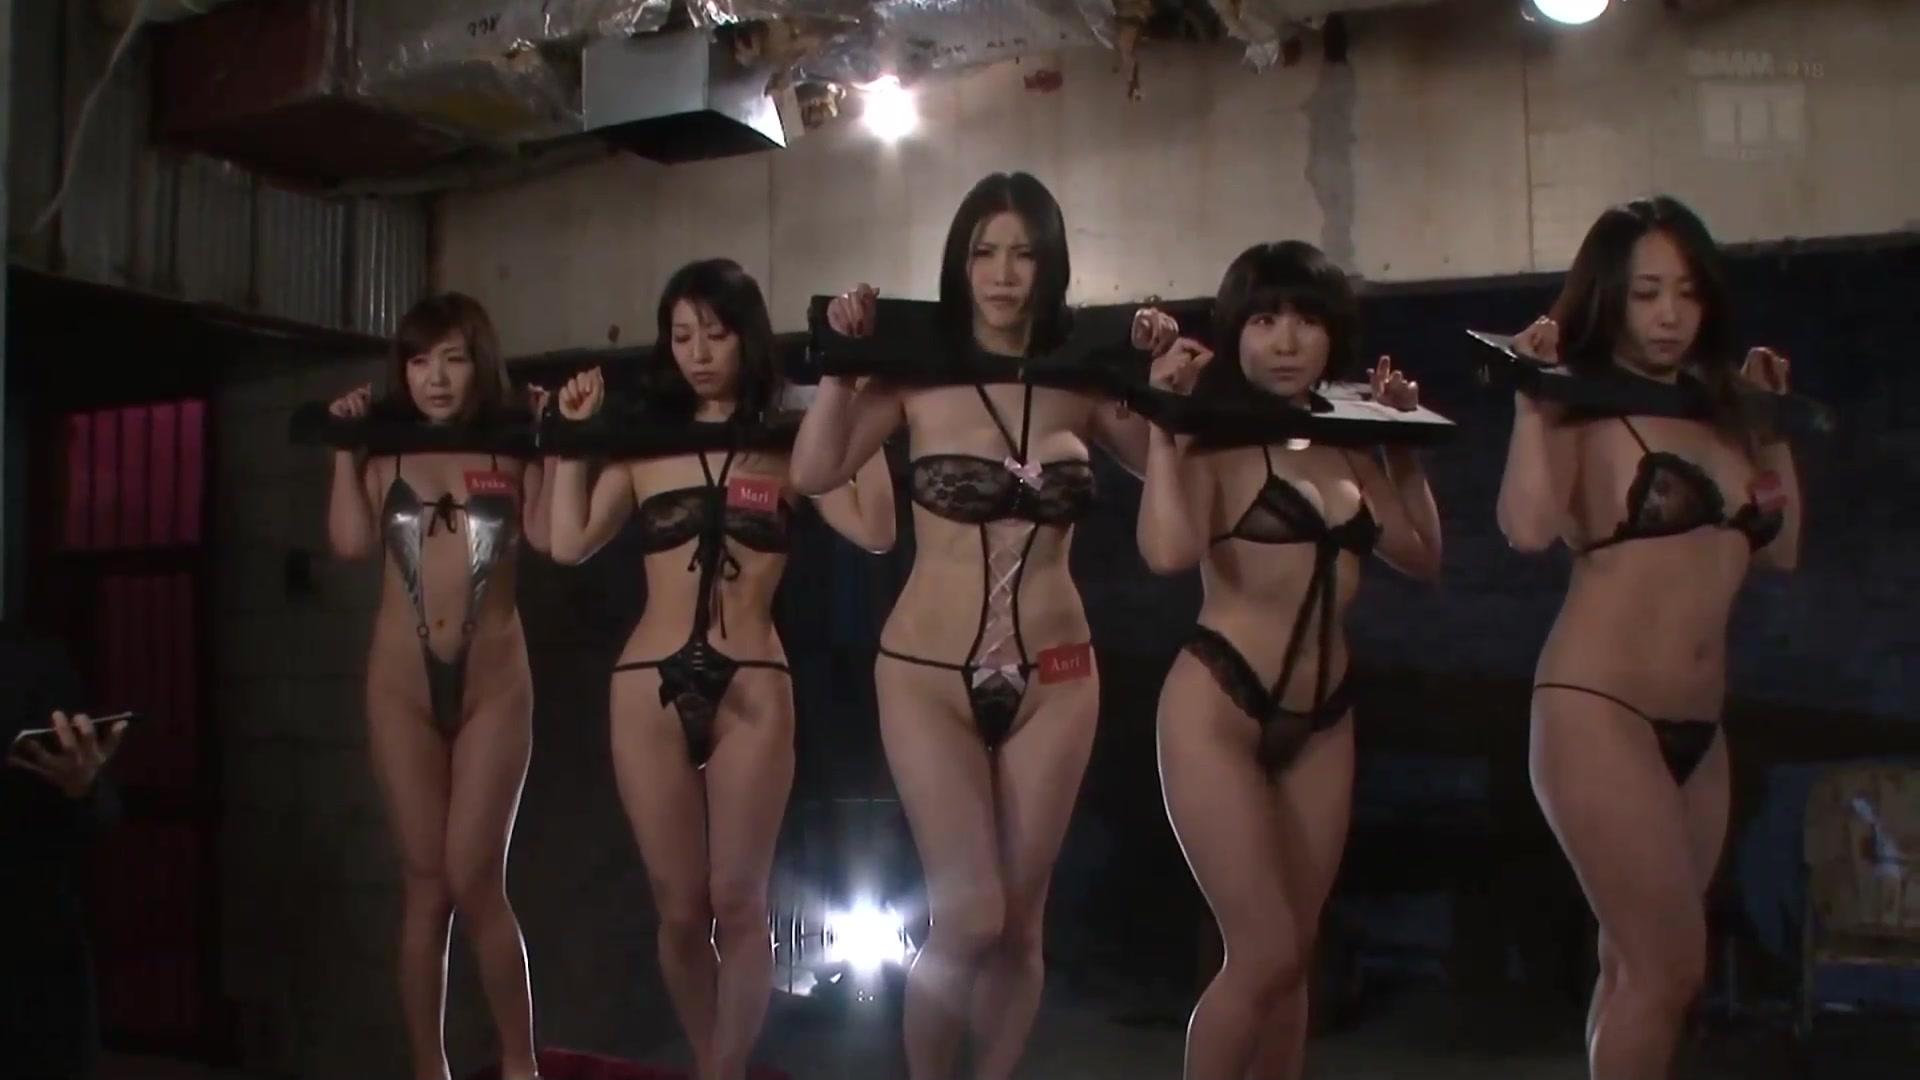 【无码破解】人间凶器豪乳肉弹『冲田杏梨』捆绑调教 奴隶人妻贩卖-下